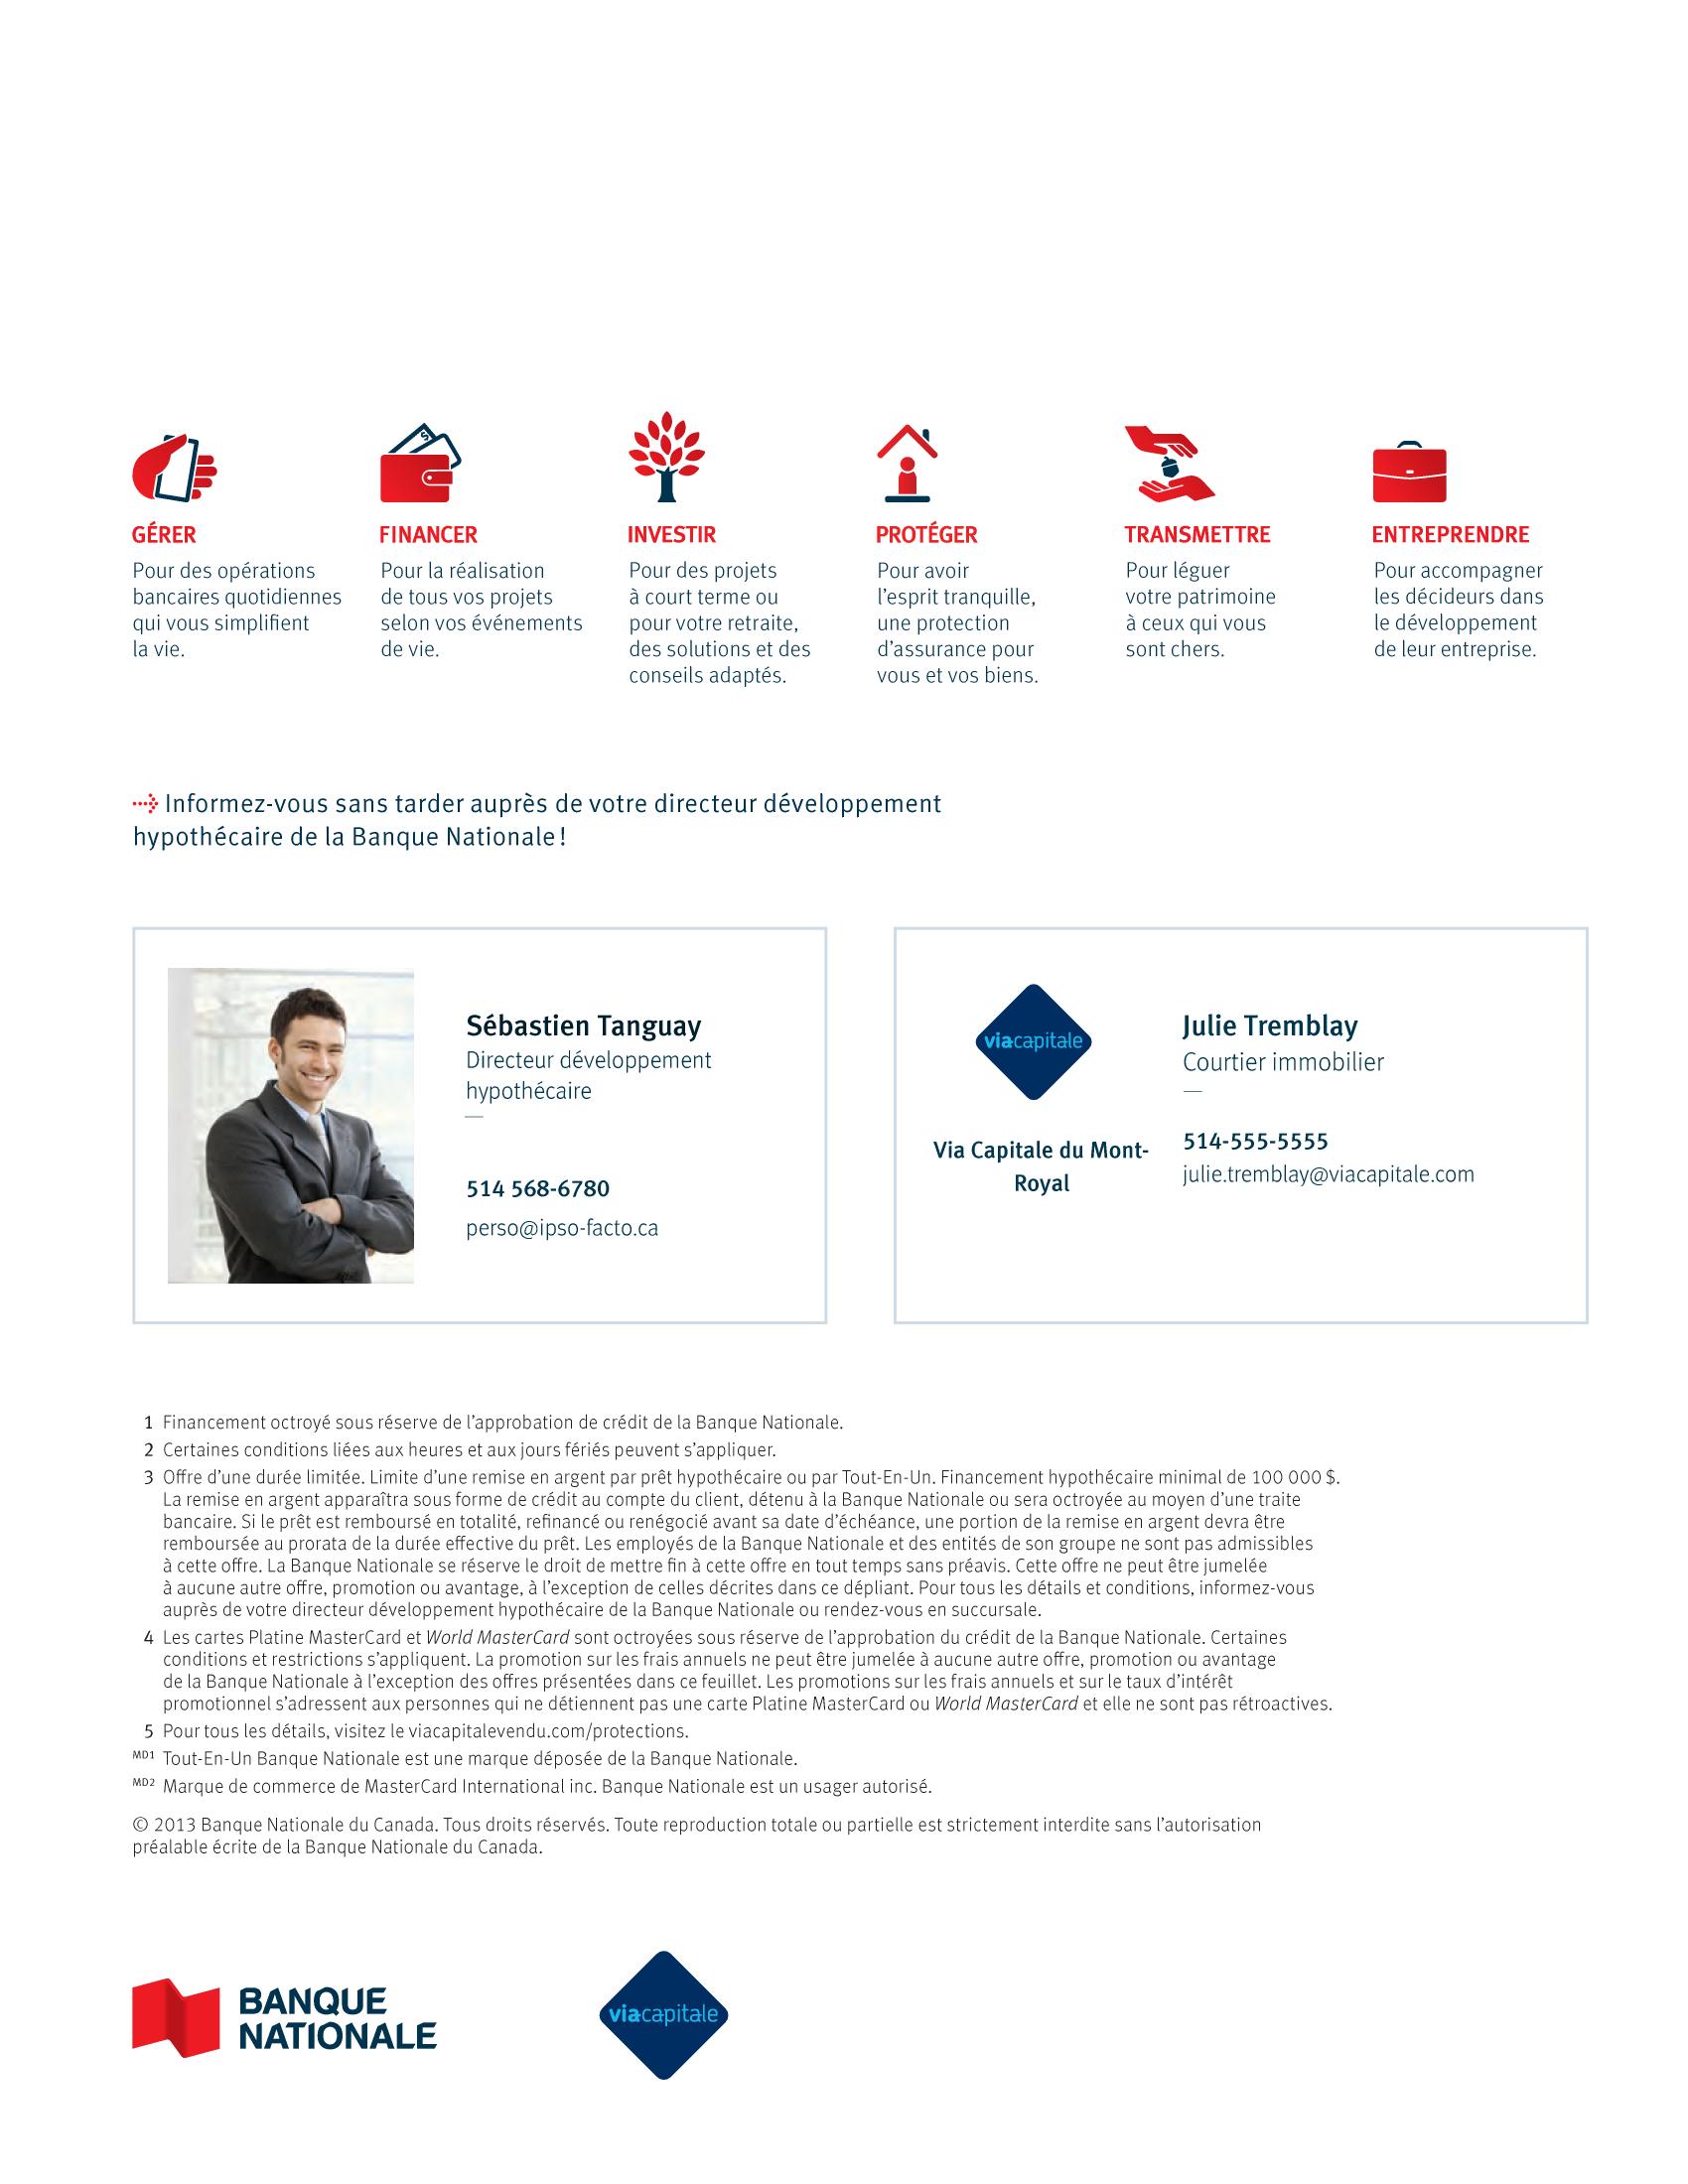 4 | Dépliant « Un partenariat riche en avantages » - Via Capitale